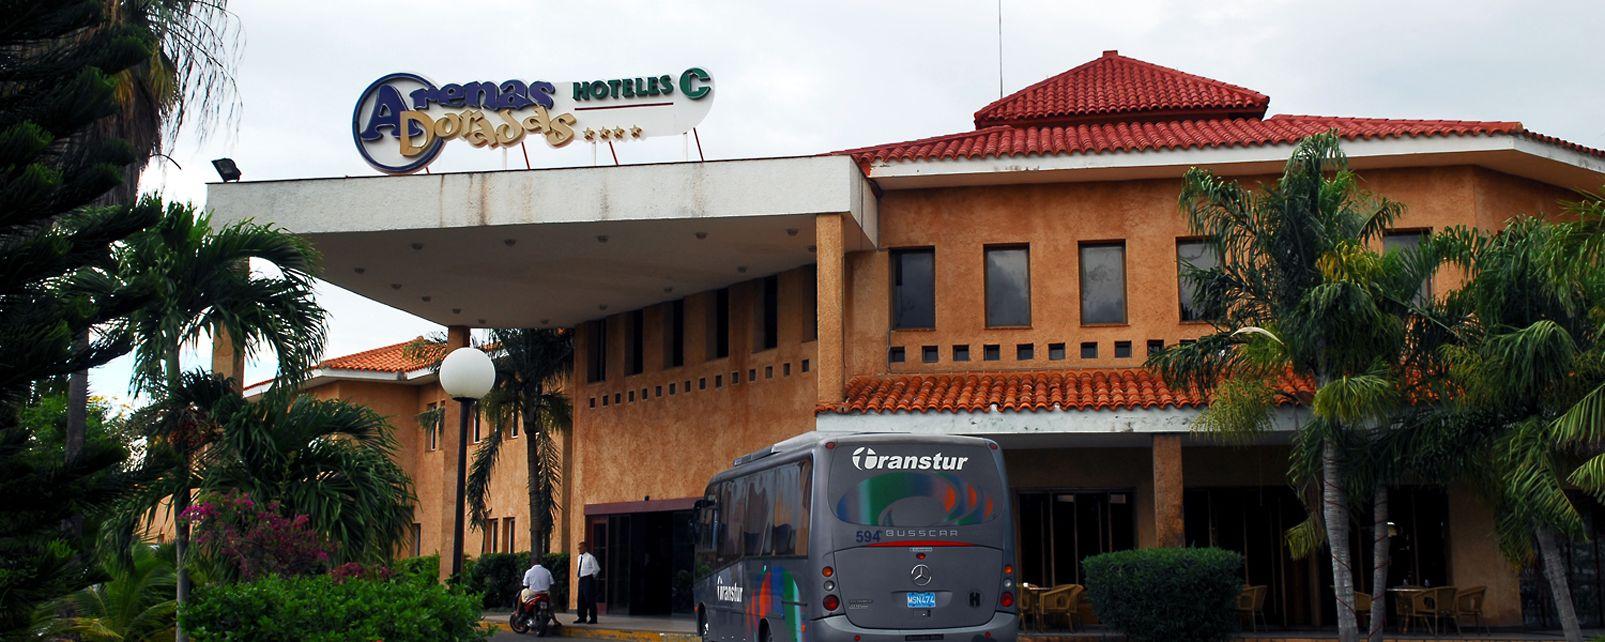 Hôtel Arenas Doradas